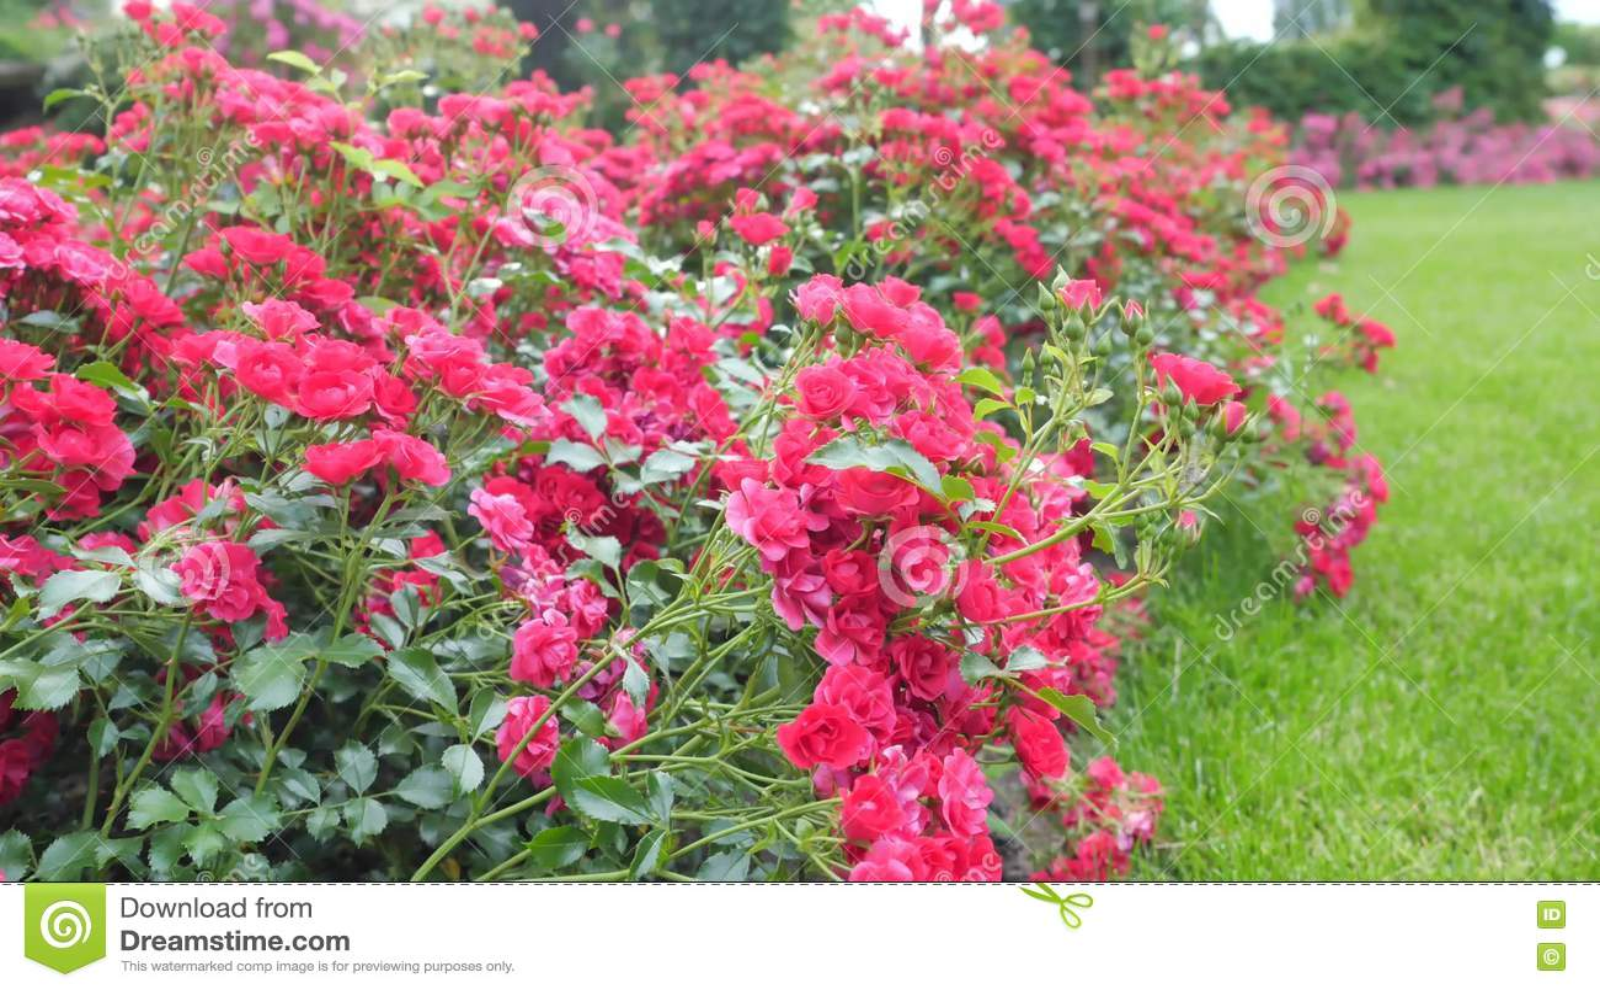 Kleine büsche mit roten rosen kamera bewegung entlang bush stock